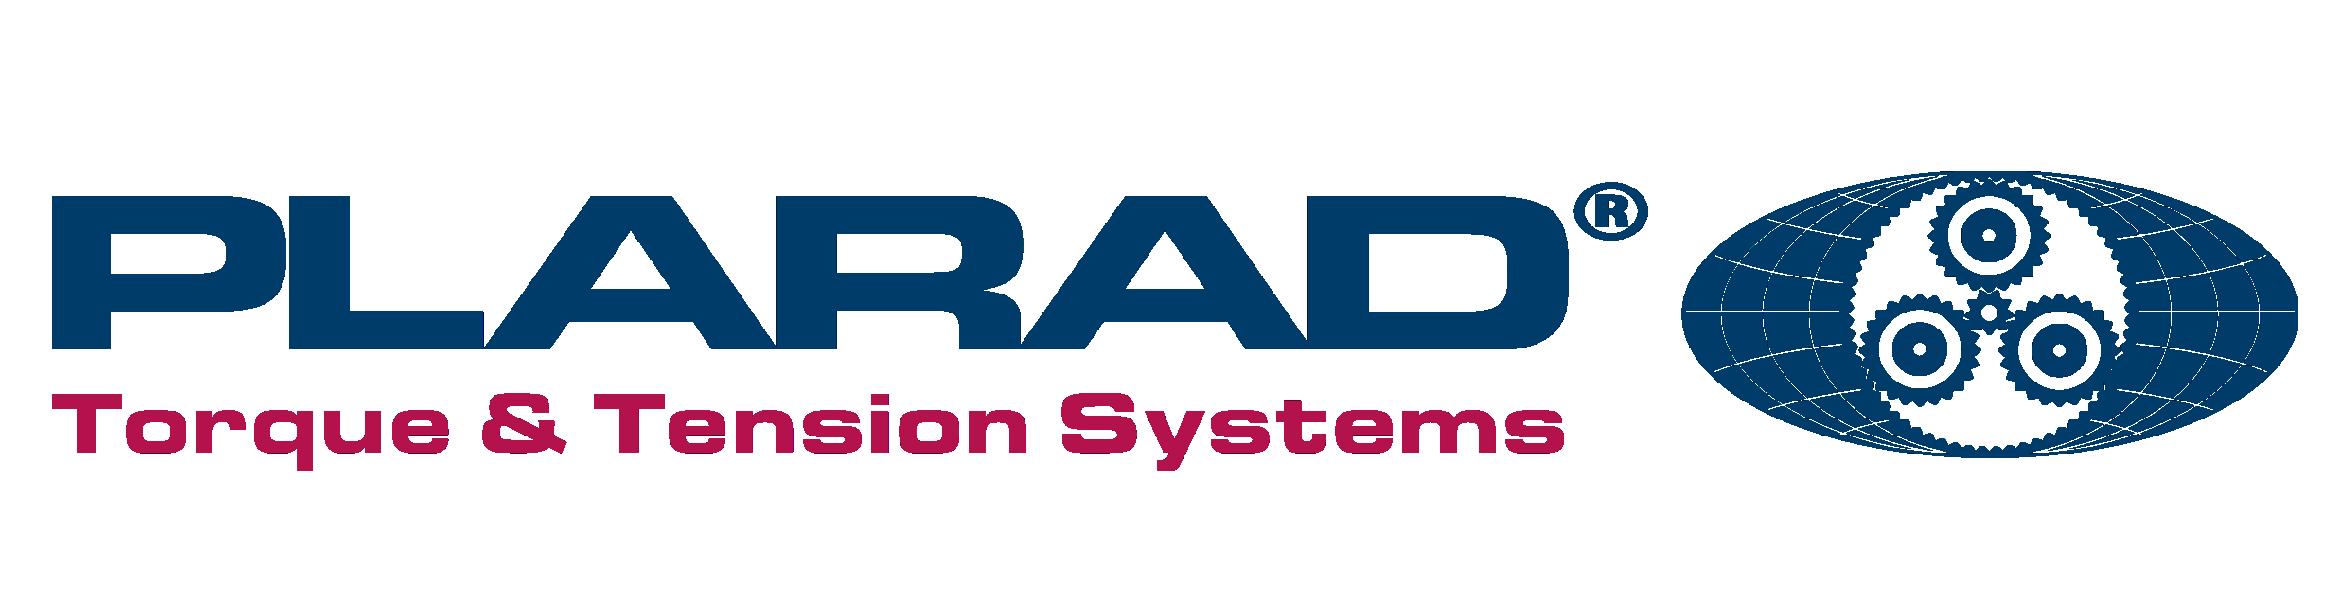 Plarad logo